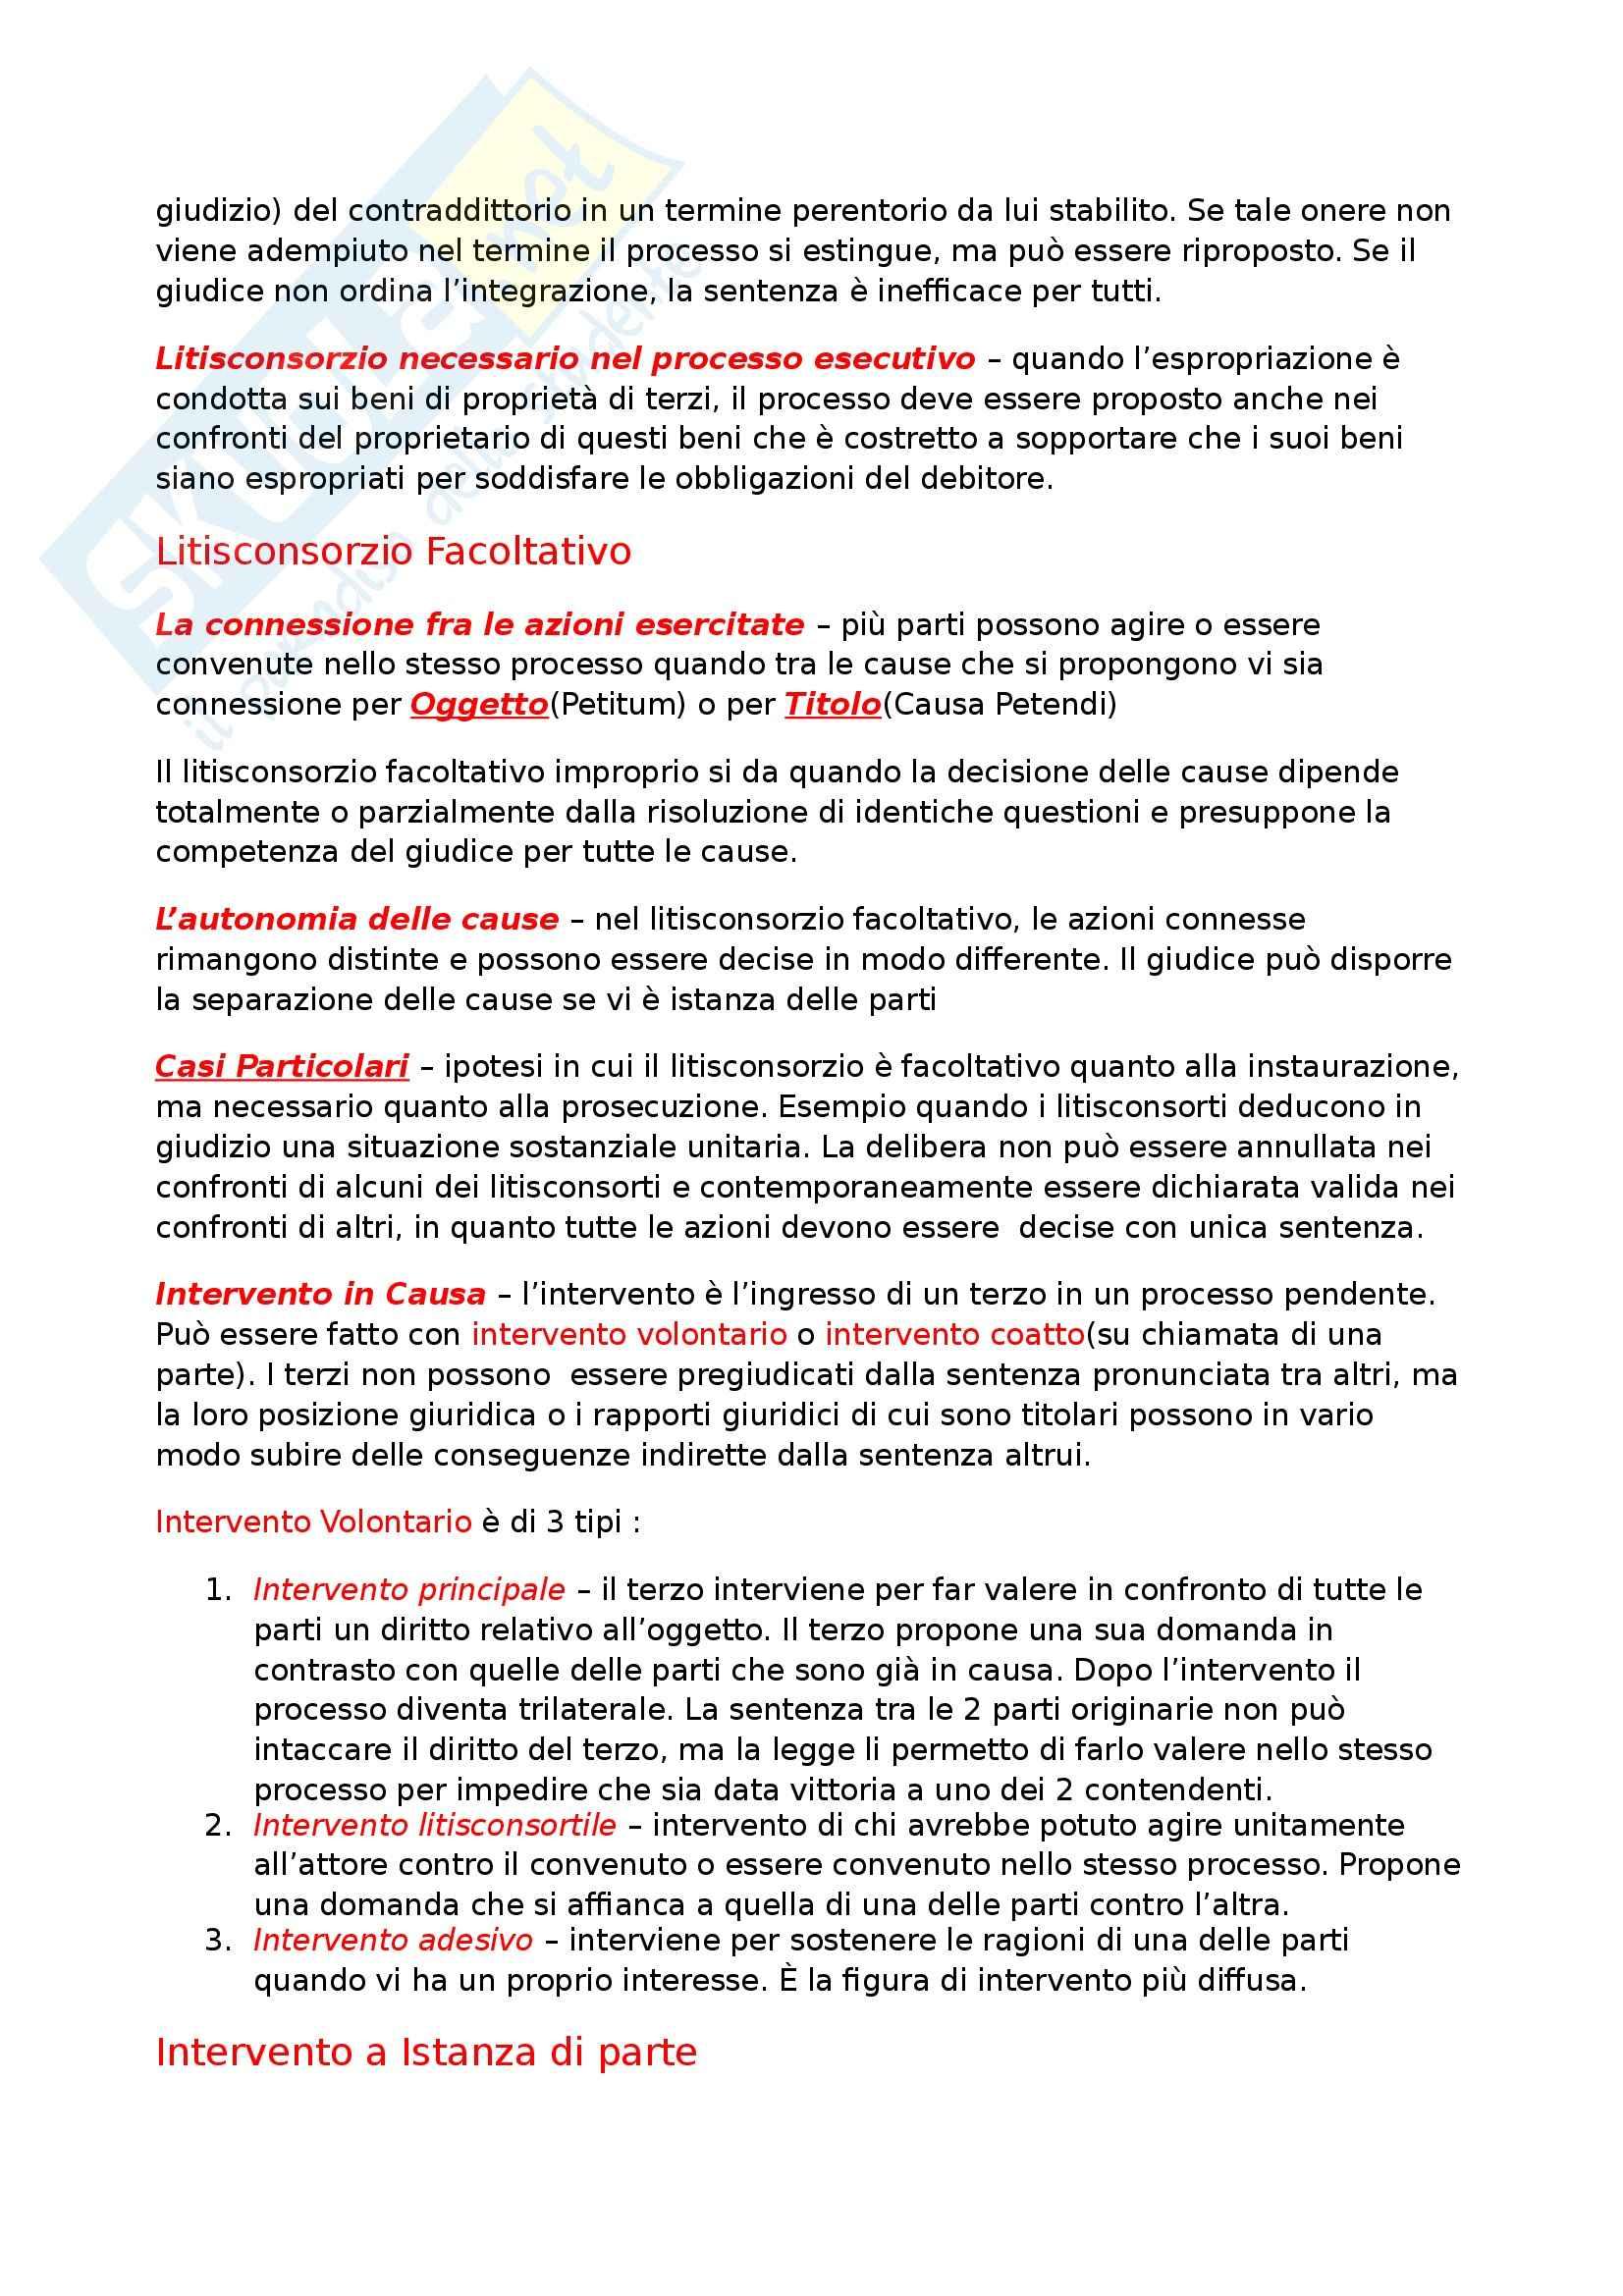 Riassunto esame Diritto Processuale Civile, prof. Maruffi, libro consigliato Diritto Processuale Civile di Tarzia Pag. 16